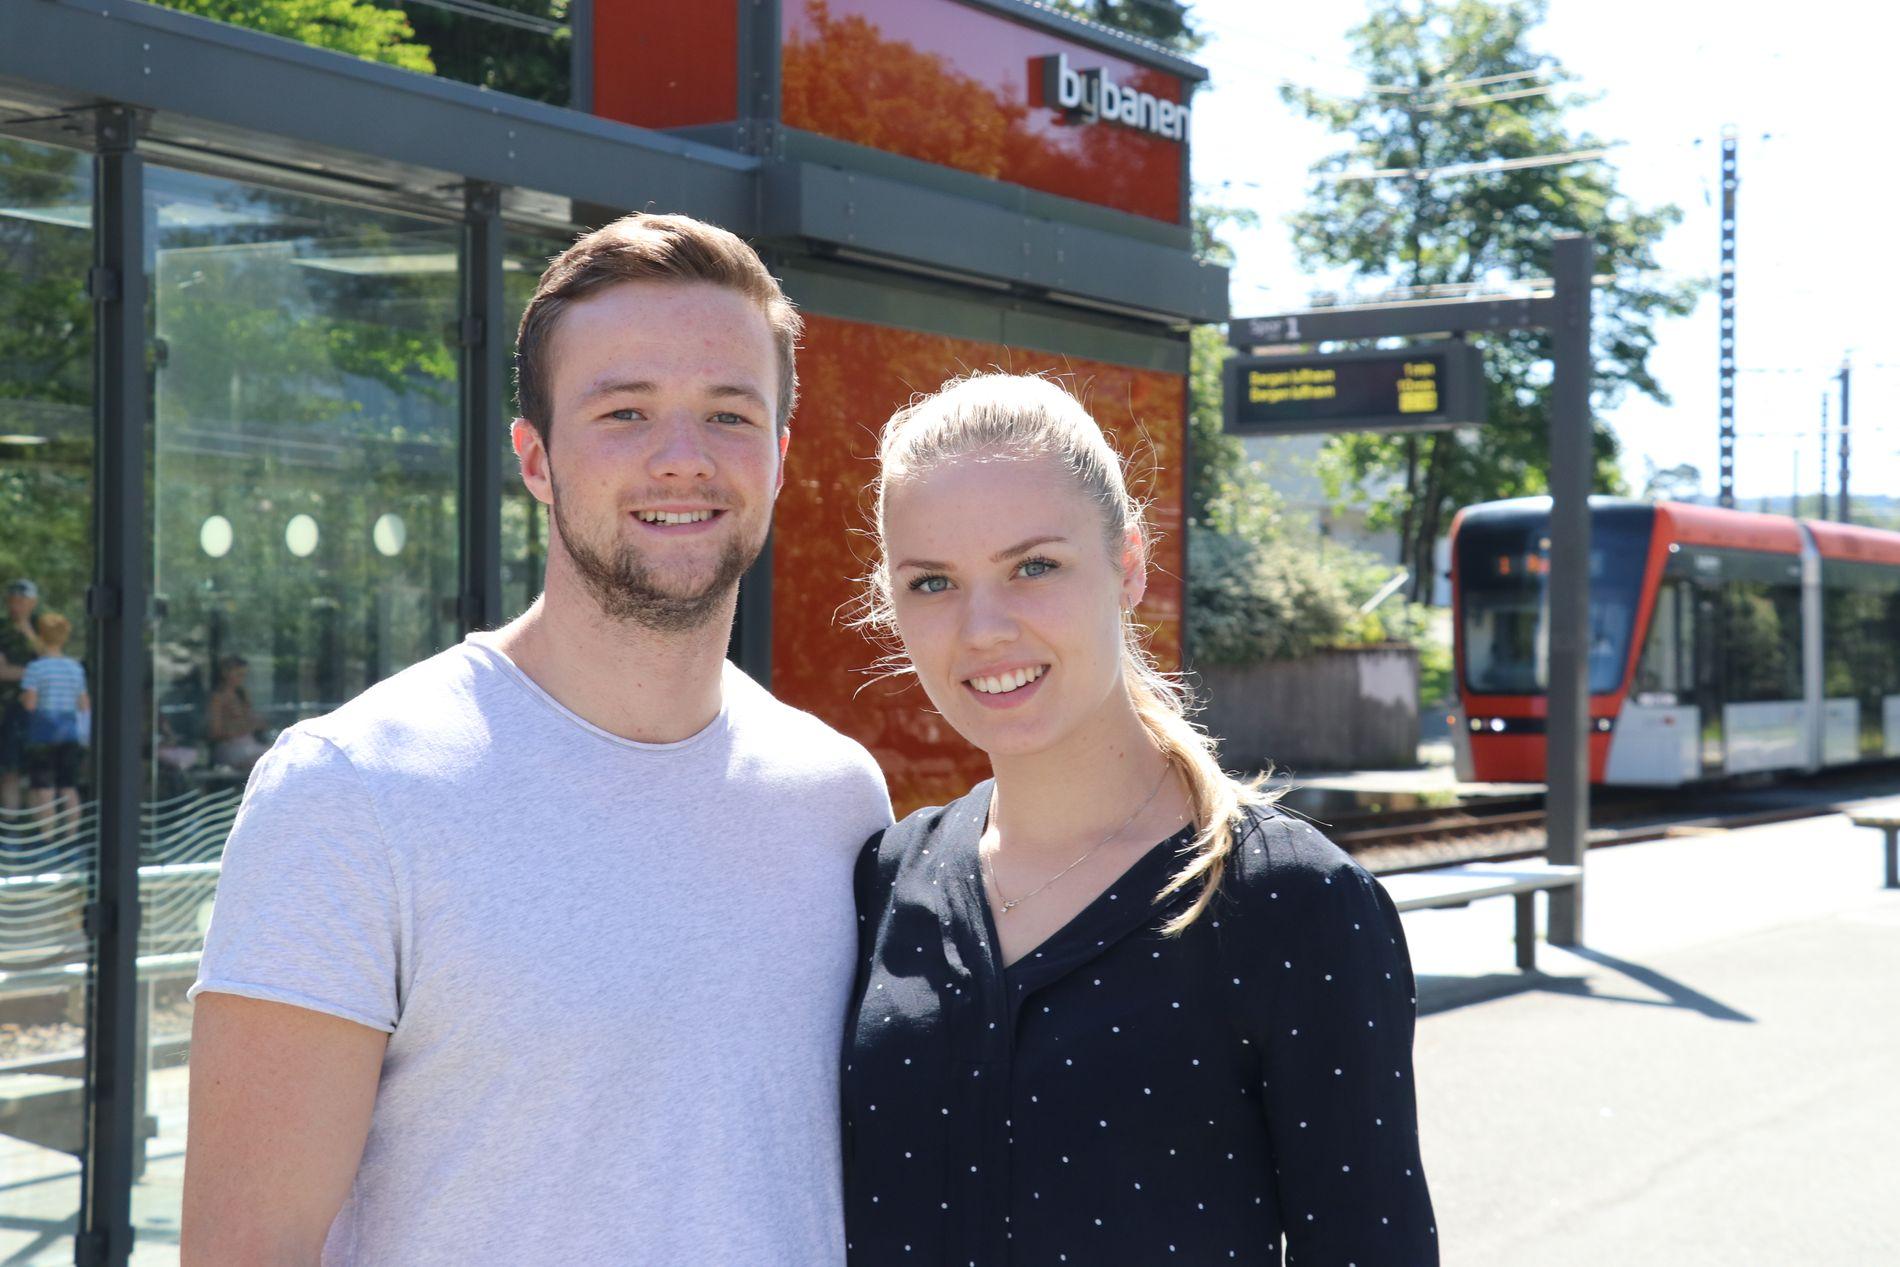 GLEDER SEG: Tor Øksenberg Hellebø og Sunniva Risti Bergaas gleder seg til å flytte inn i en ny leilighet på Paradis.